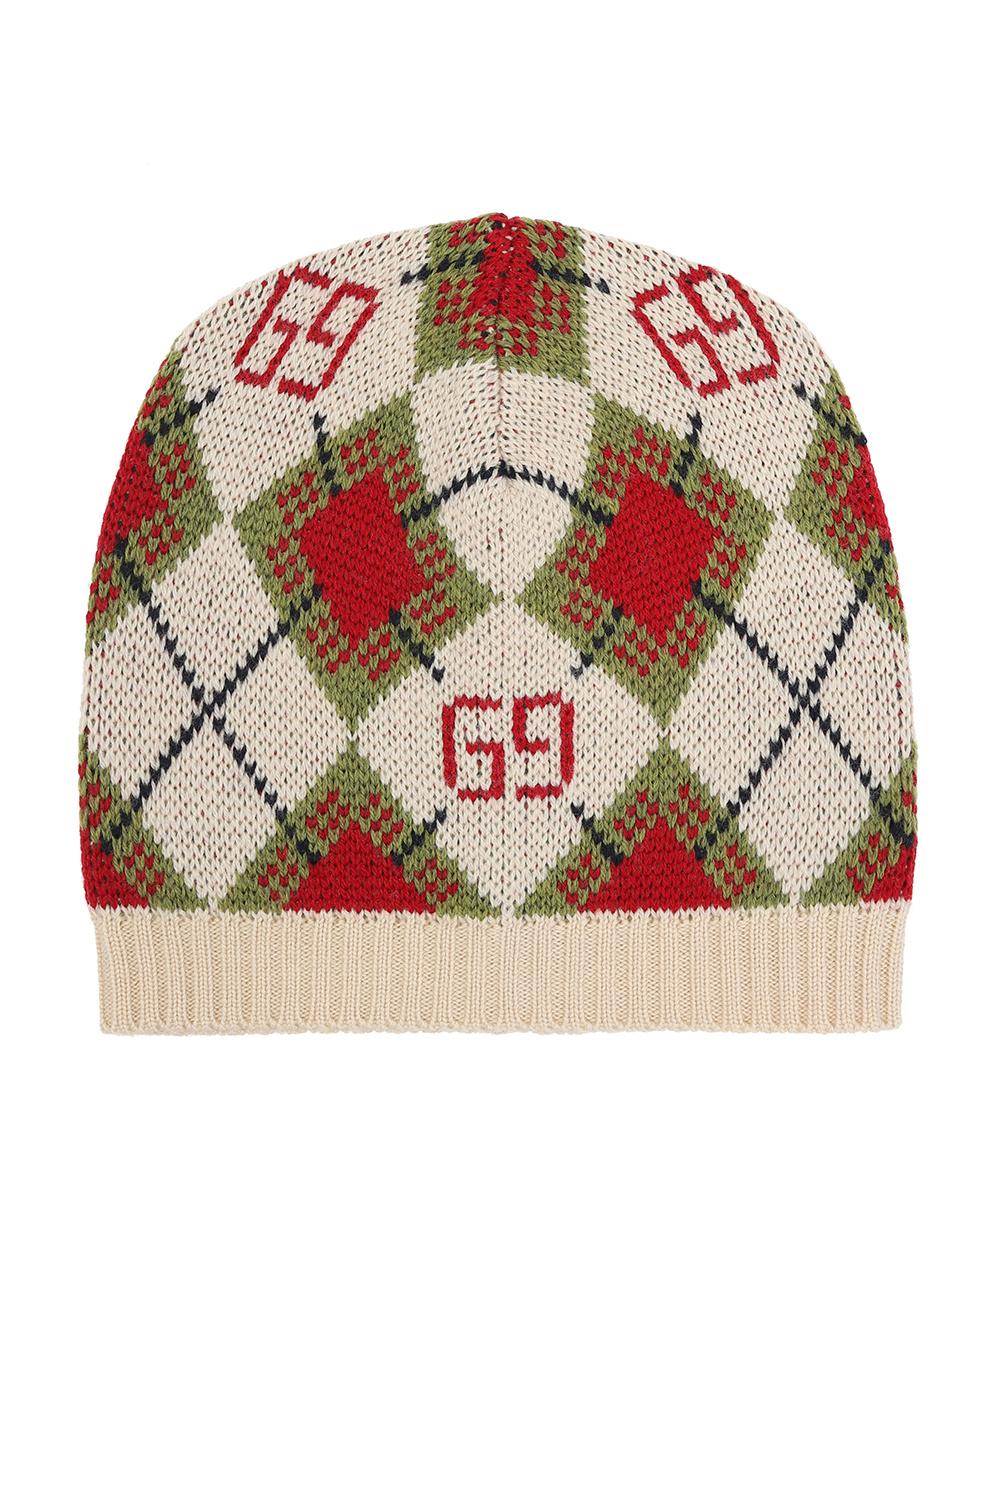 Gucci Kids Wool hat